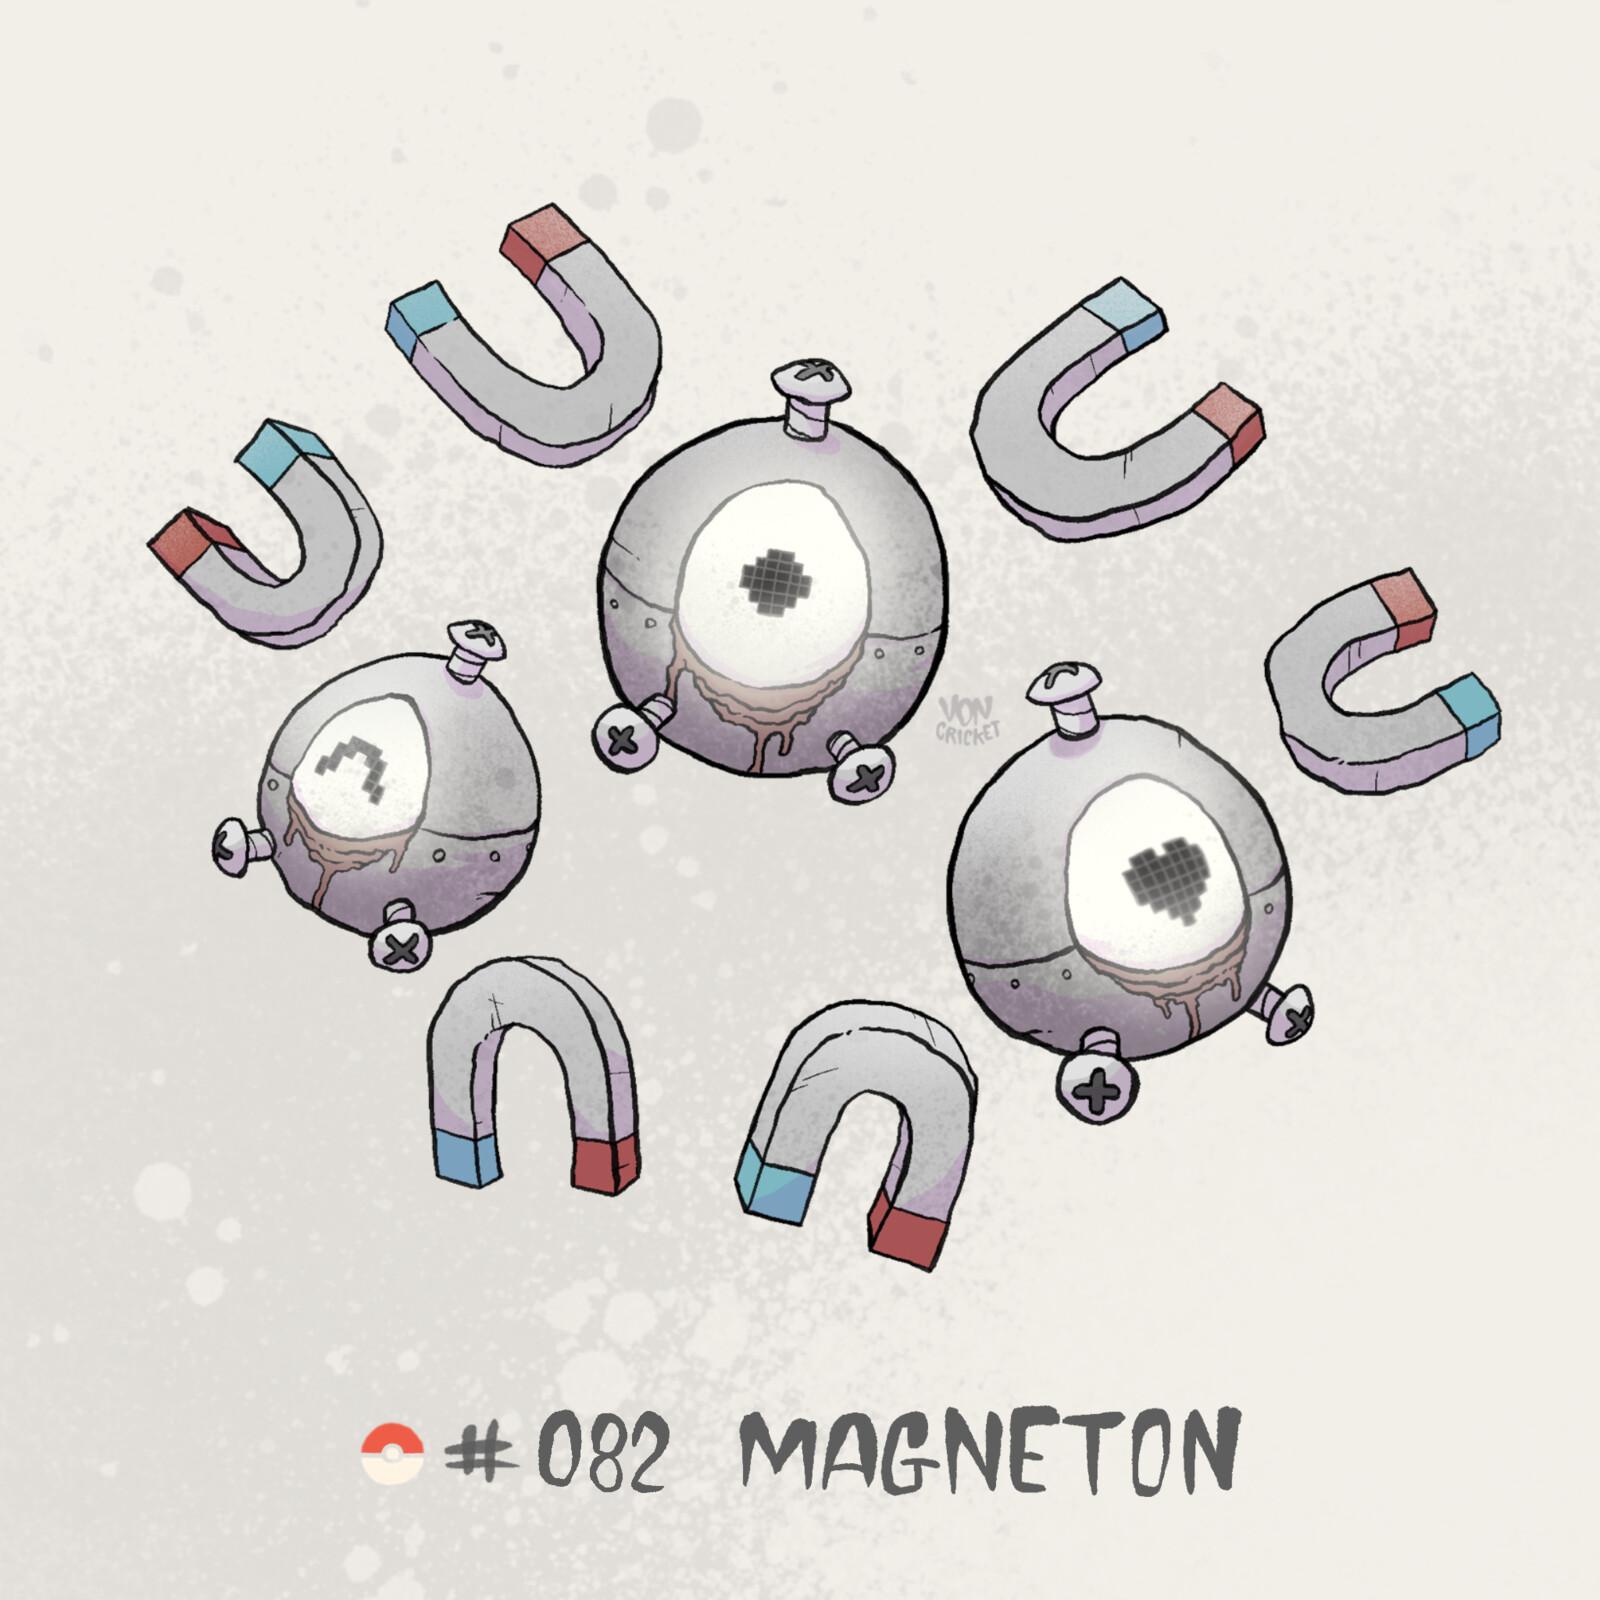 #082 Magneton